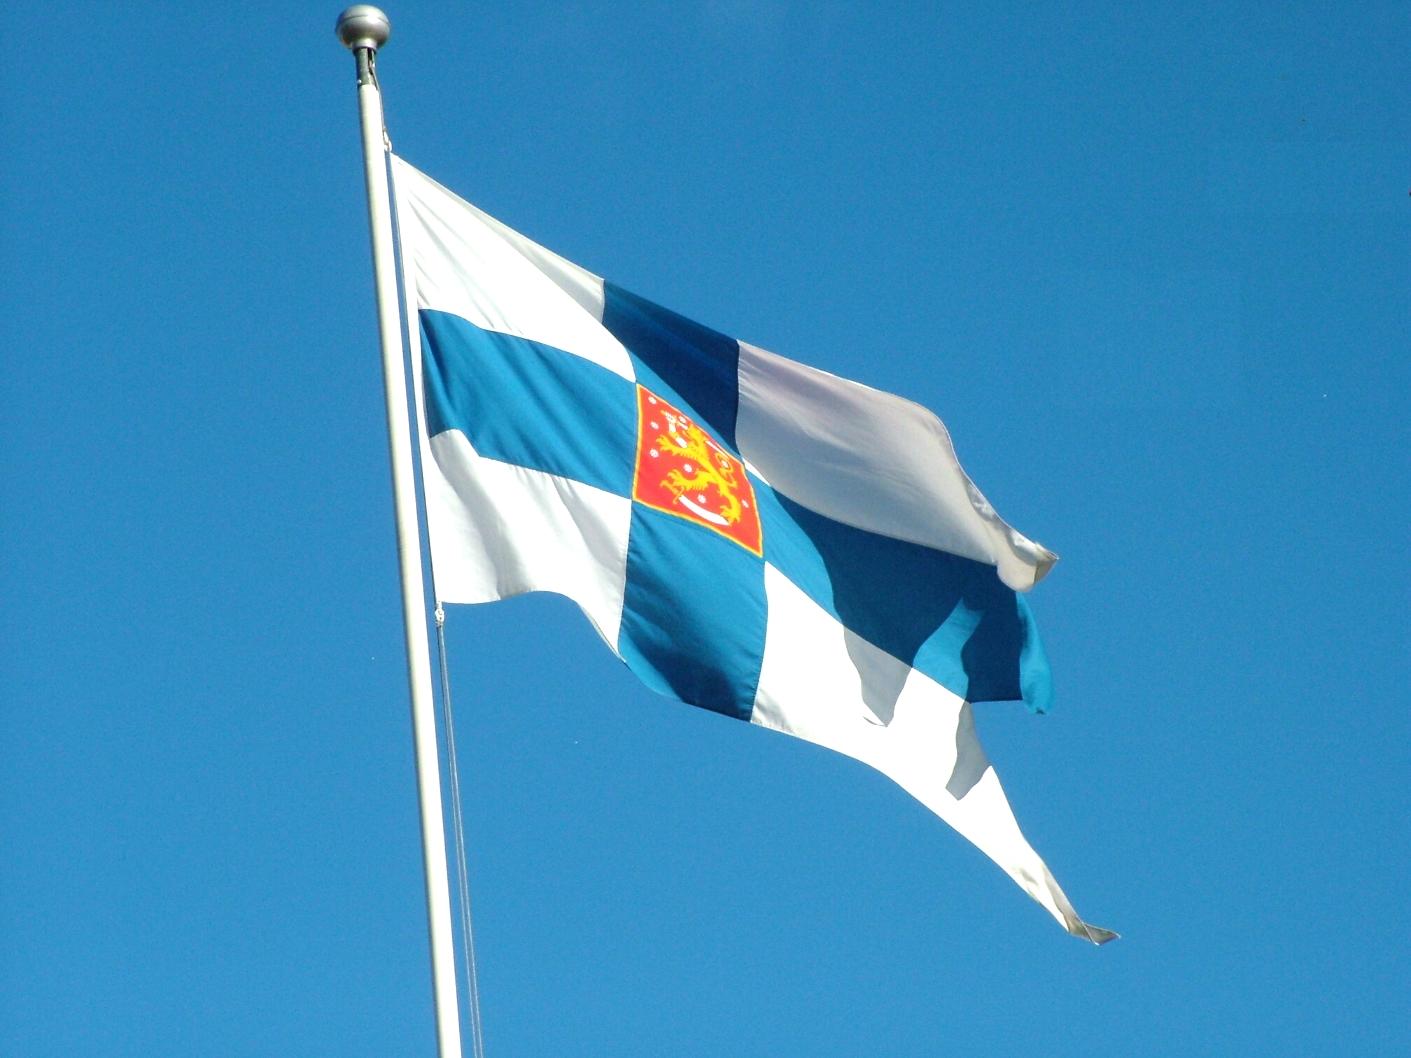 http://1.bp.blogspot.com/-Mfbb0nlZXII/ULfMPIX9KwI/AAAAAAAAETU/-MK5XdlpgQY/s1600/Flag+of+Finland+flags+wallpaper+(3).JPG